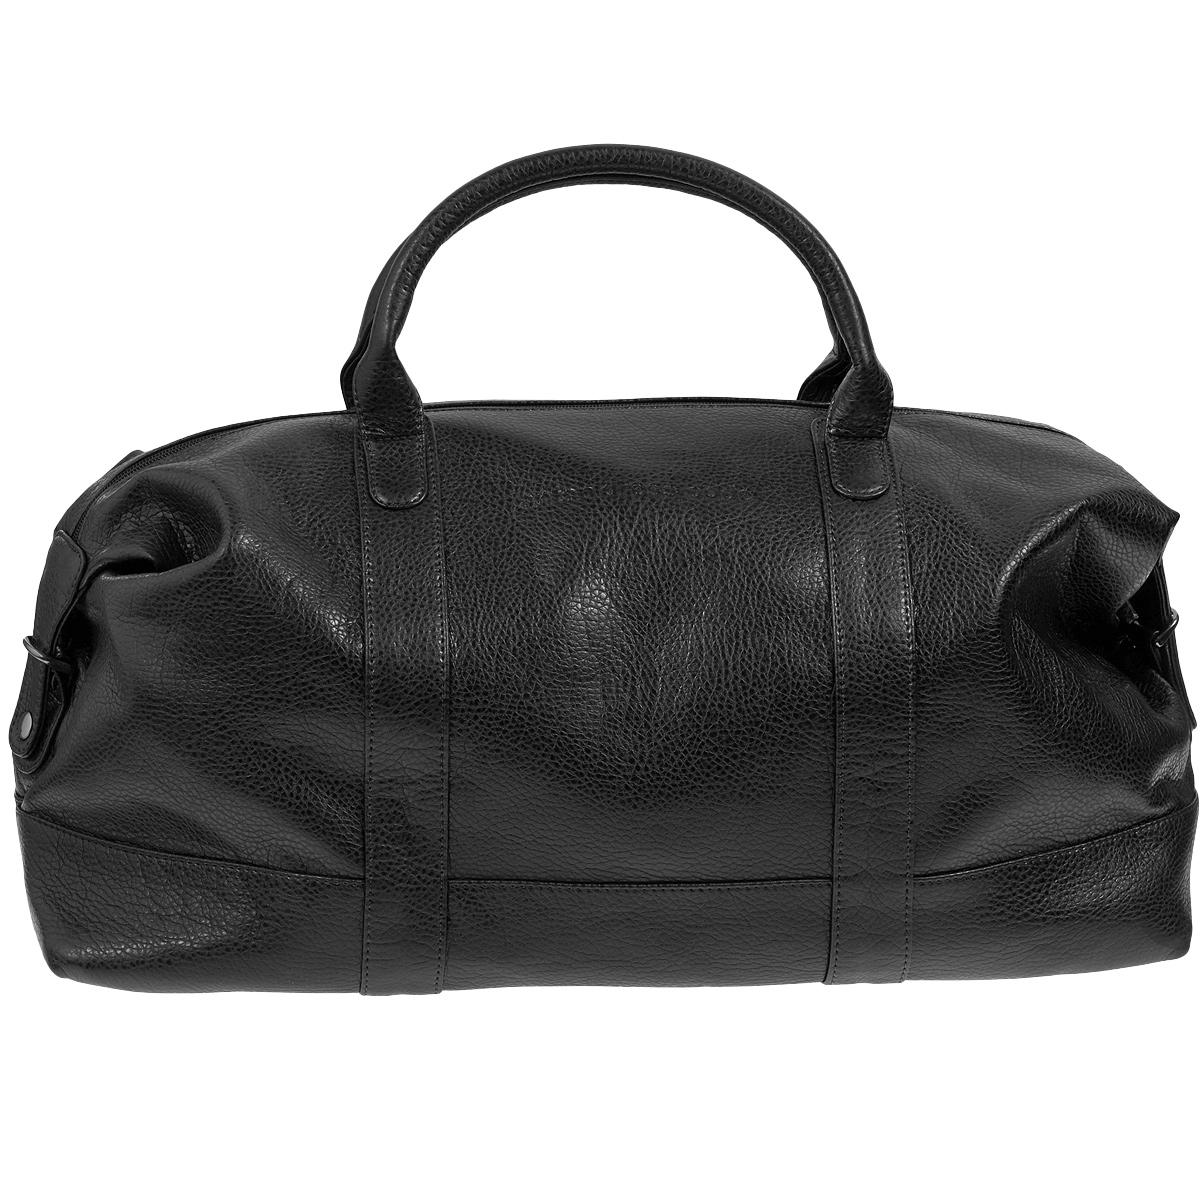 Сумка дорожная Antan, цвет: черный. 2-229 В2-229 В черныйВместительная дорожная сумка Antan выполнена из искусственной кожи с фактурной поверхностью. Сумка имеет одно отделение, закрывающееся на застежку-молнию. Внутри - вшитый карман на молнии. С внешней стороны на задней стенке сумки предусмотрен дополнительный карман на молнии. Сумка оснащена двумя удобными ручками и съемным плечевым ремнем регулируемой длины. Такая сумка будет незаменима при походе в спортзал, а также может использоваться в качестве ручной клади во время путешествия.